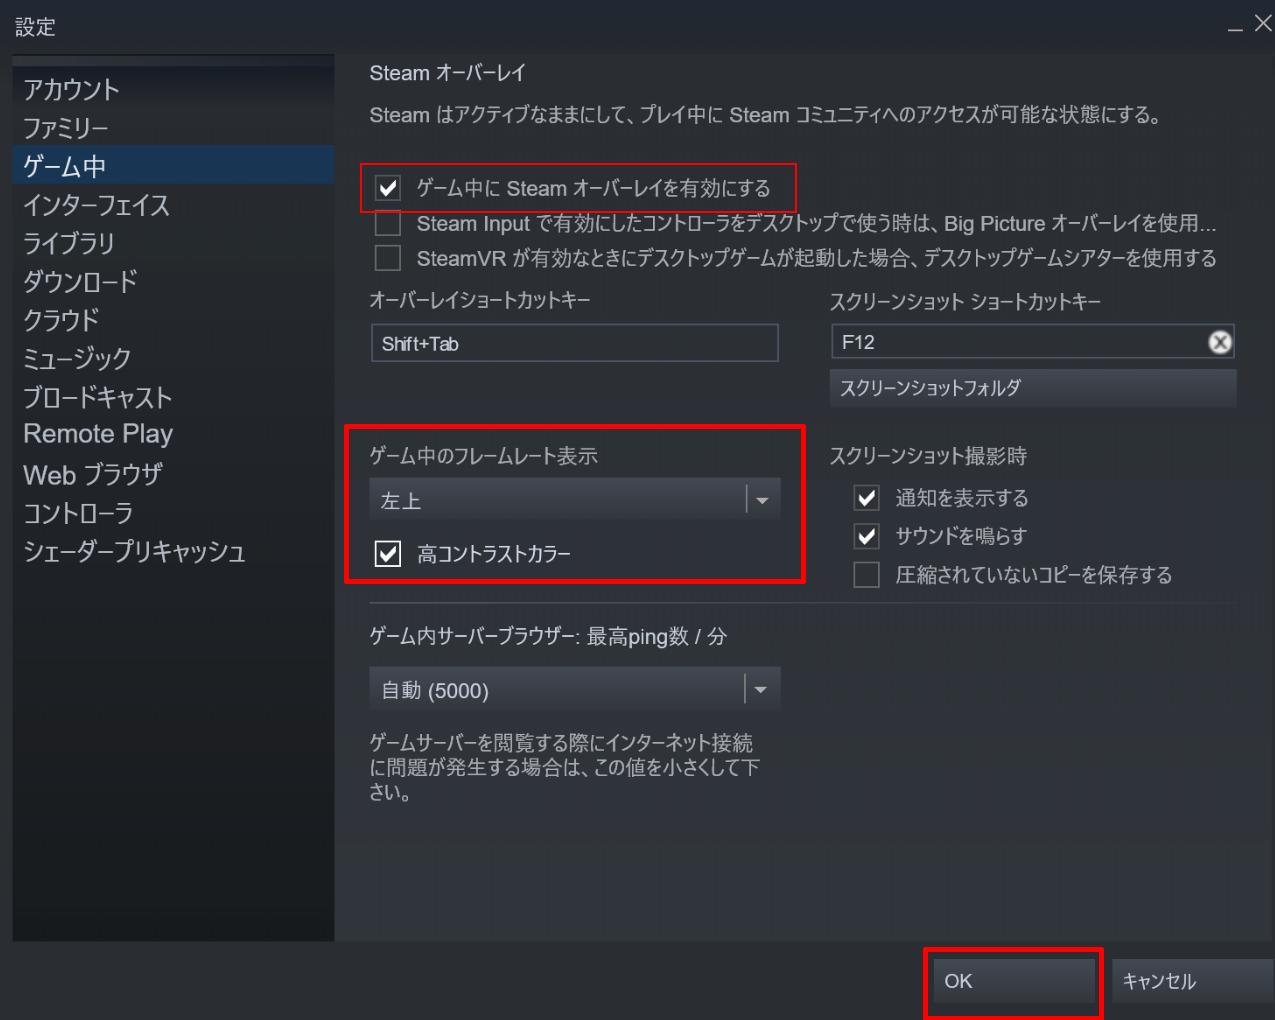 Steam内のゲームをプレイ中にプレイ画面上にFPSを表示させるために以下の設定をしていく